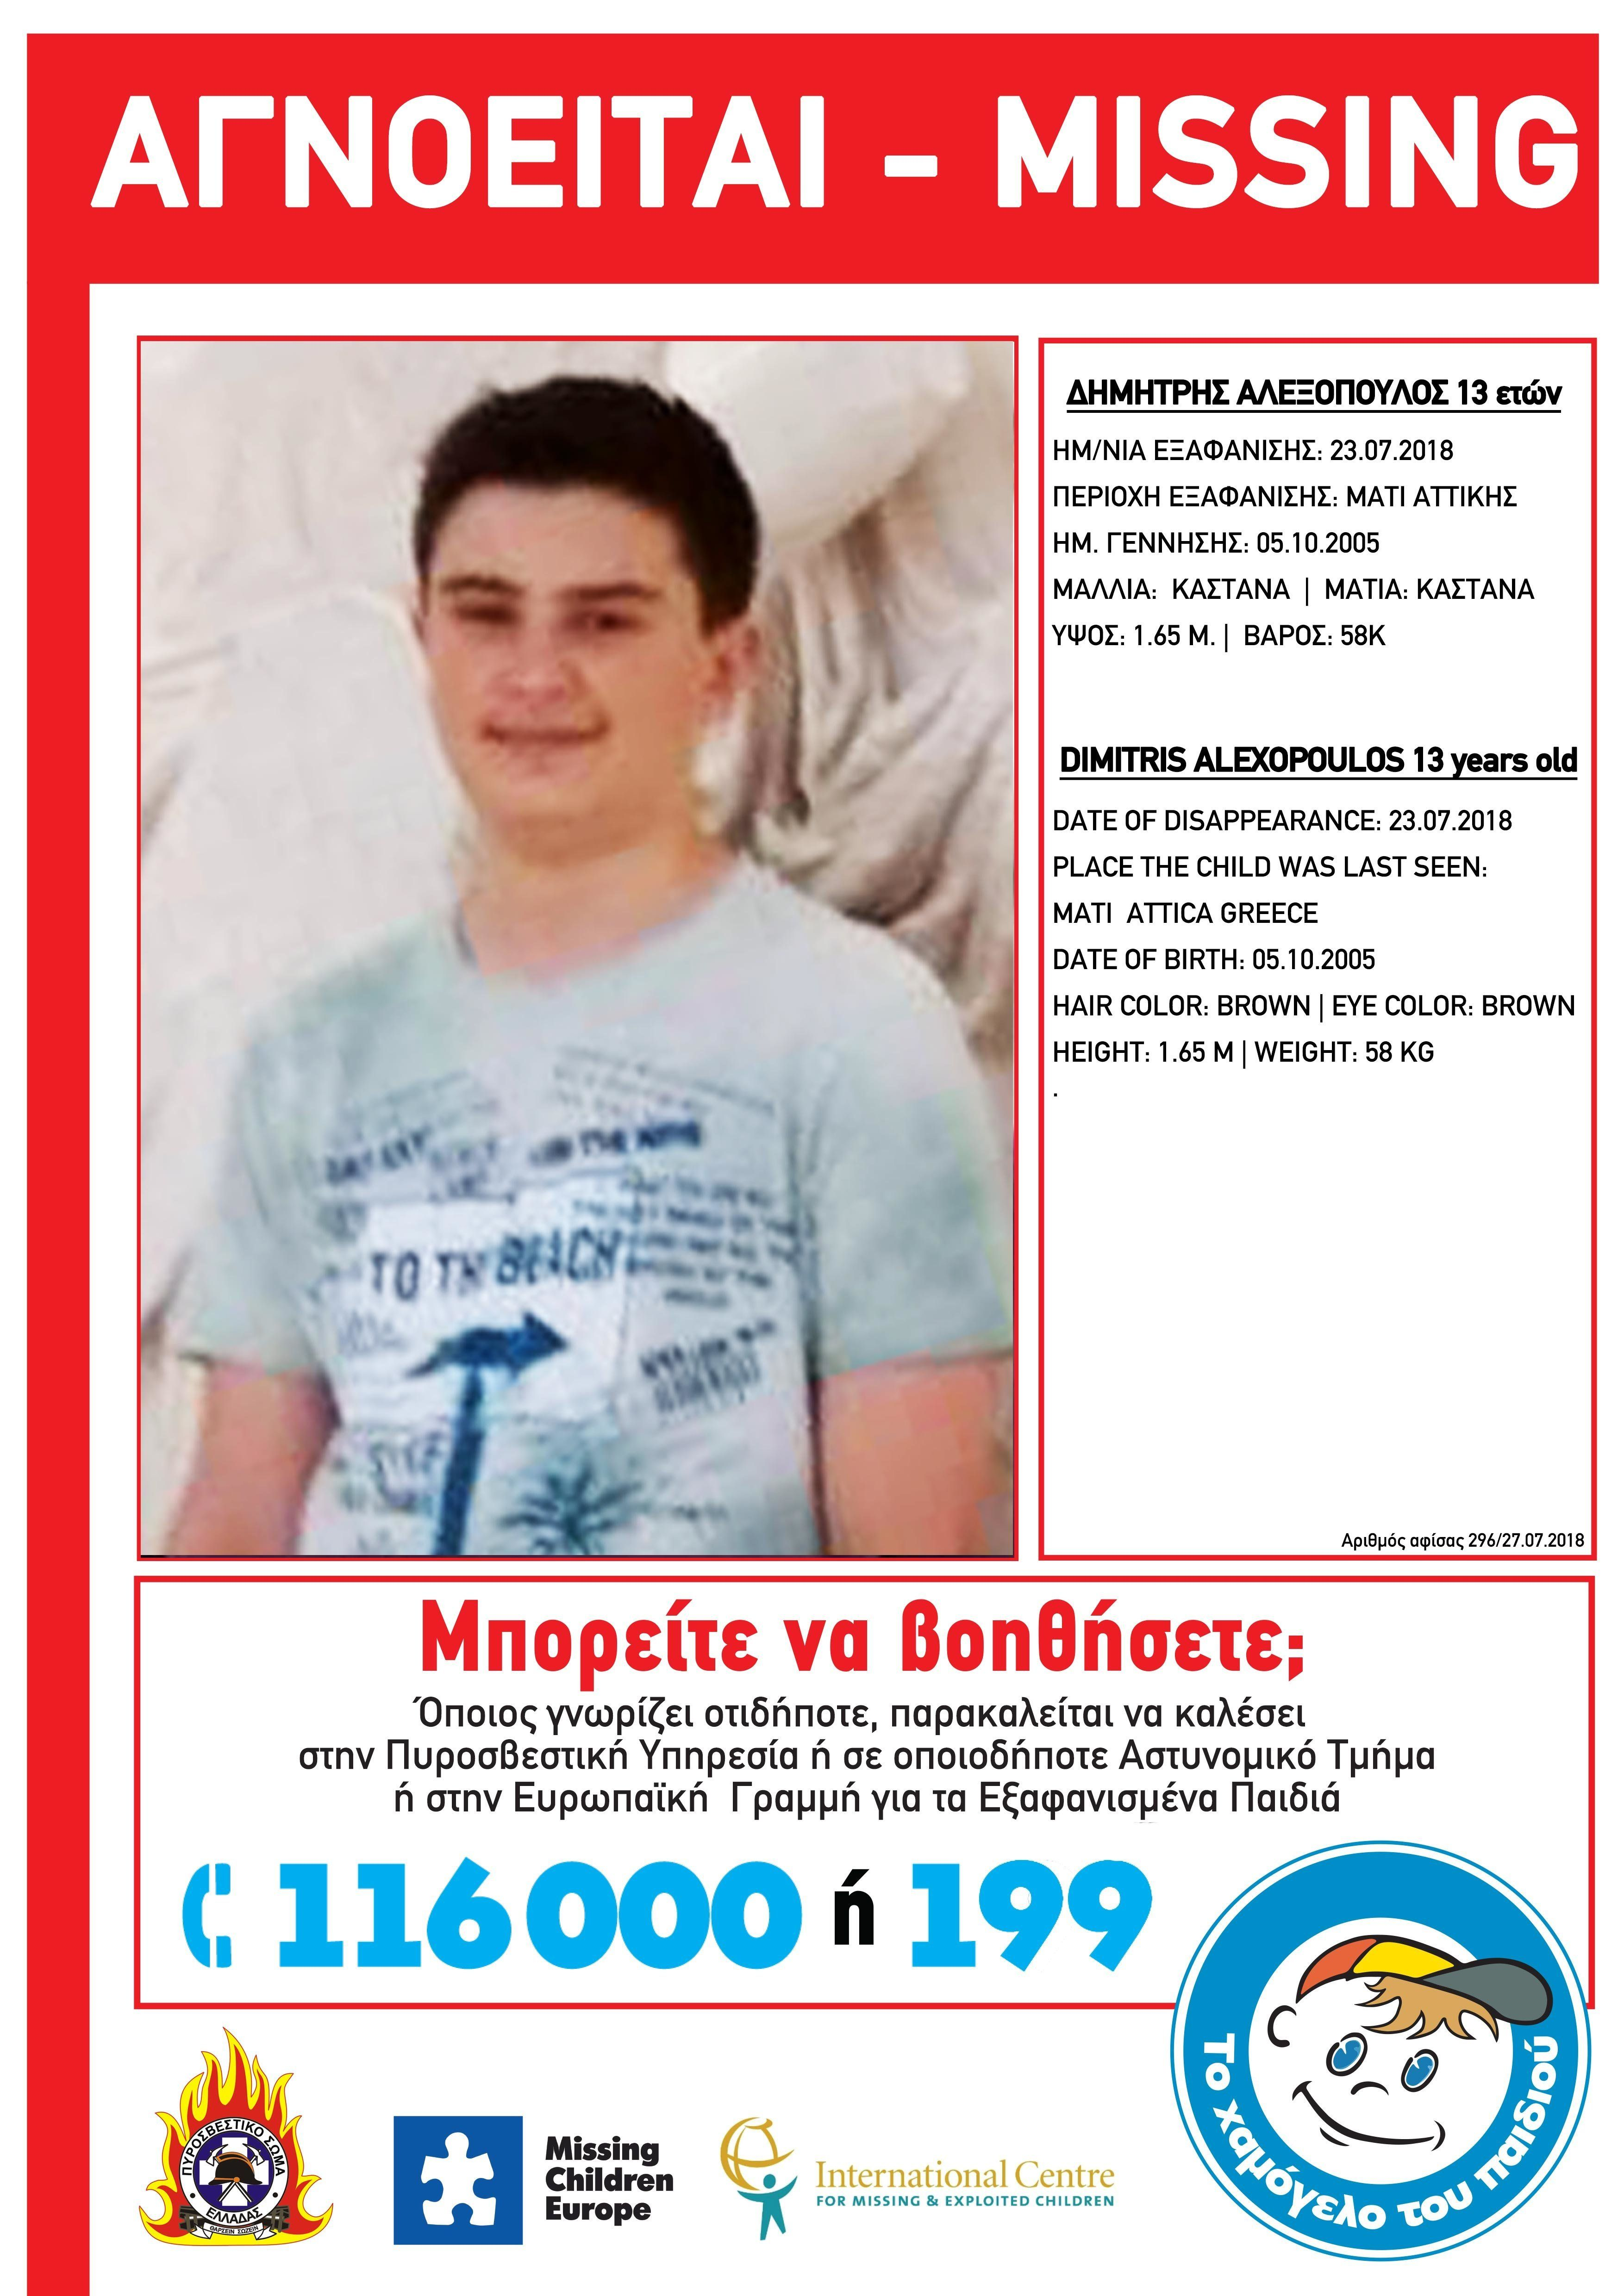 Νεκρός ο 13χρονος που αγνοείτο στο Μάτι. Ταυτοποιήθηκε στα θύματα της